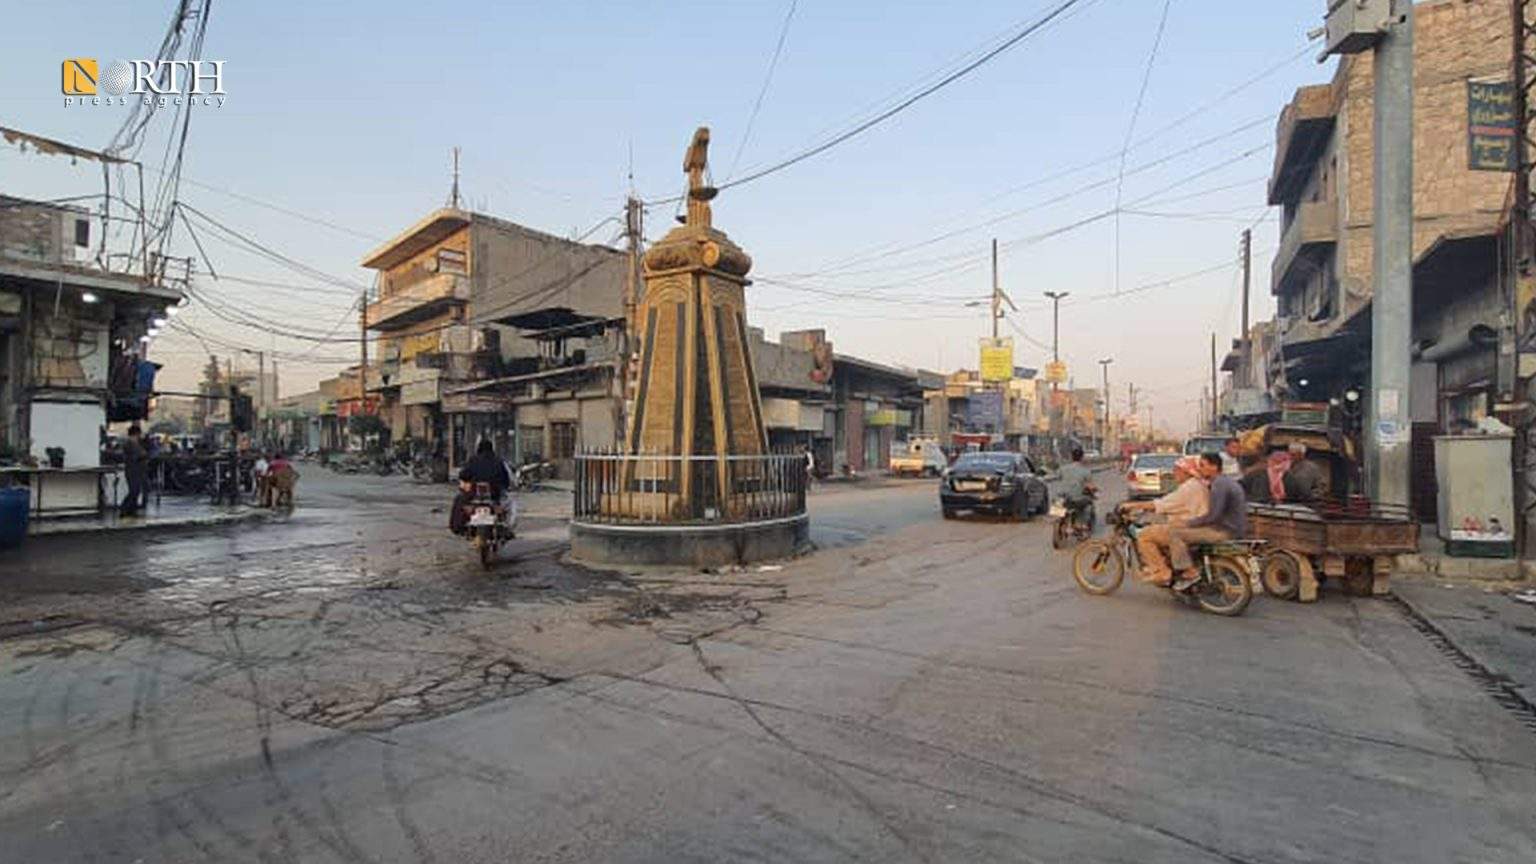 Al-Mizan Roundabout in al-Bab city, Aleppo – North Press